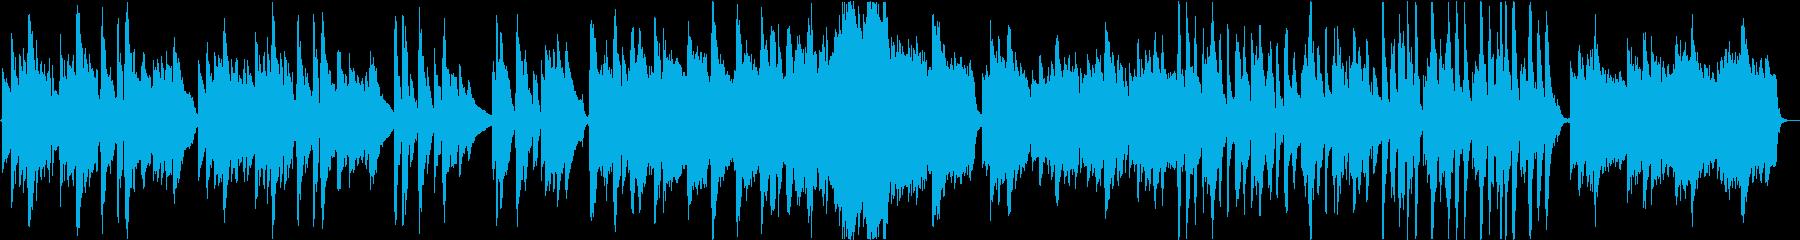 アコギの悲しい旋律のバラードの再生済みの波形